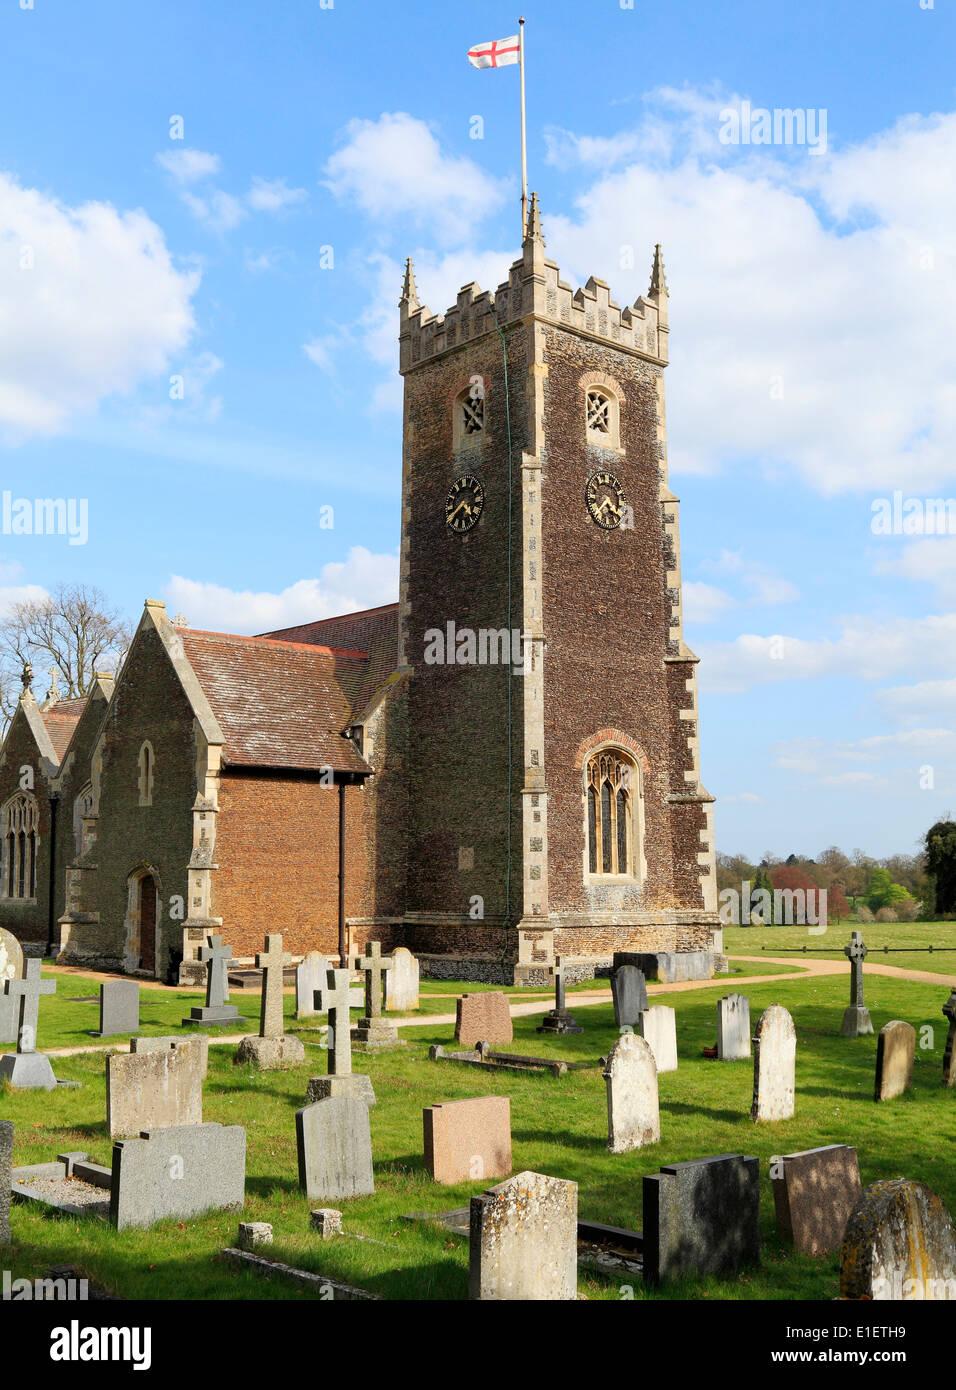 Sandringham Pfarrkirche, St. George's Flagge, Norfolk, England UK Fahnen Flagge von St. Georg, St.-Georgs carstone Stockbild